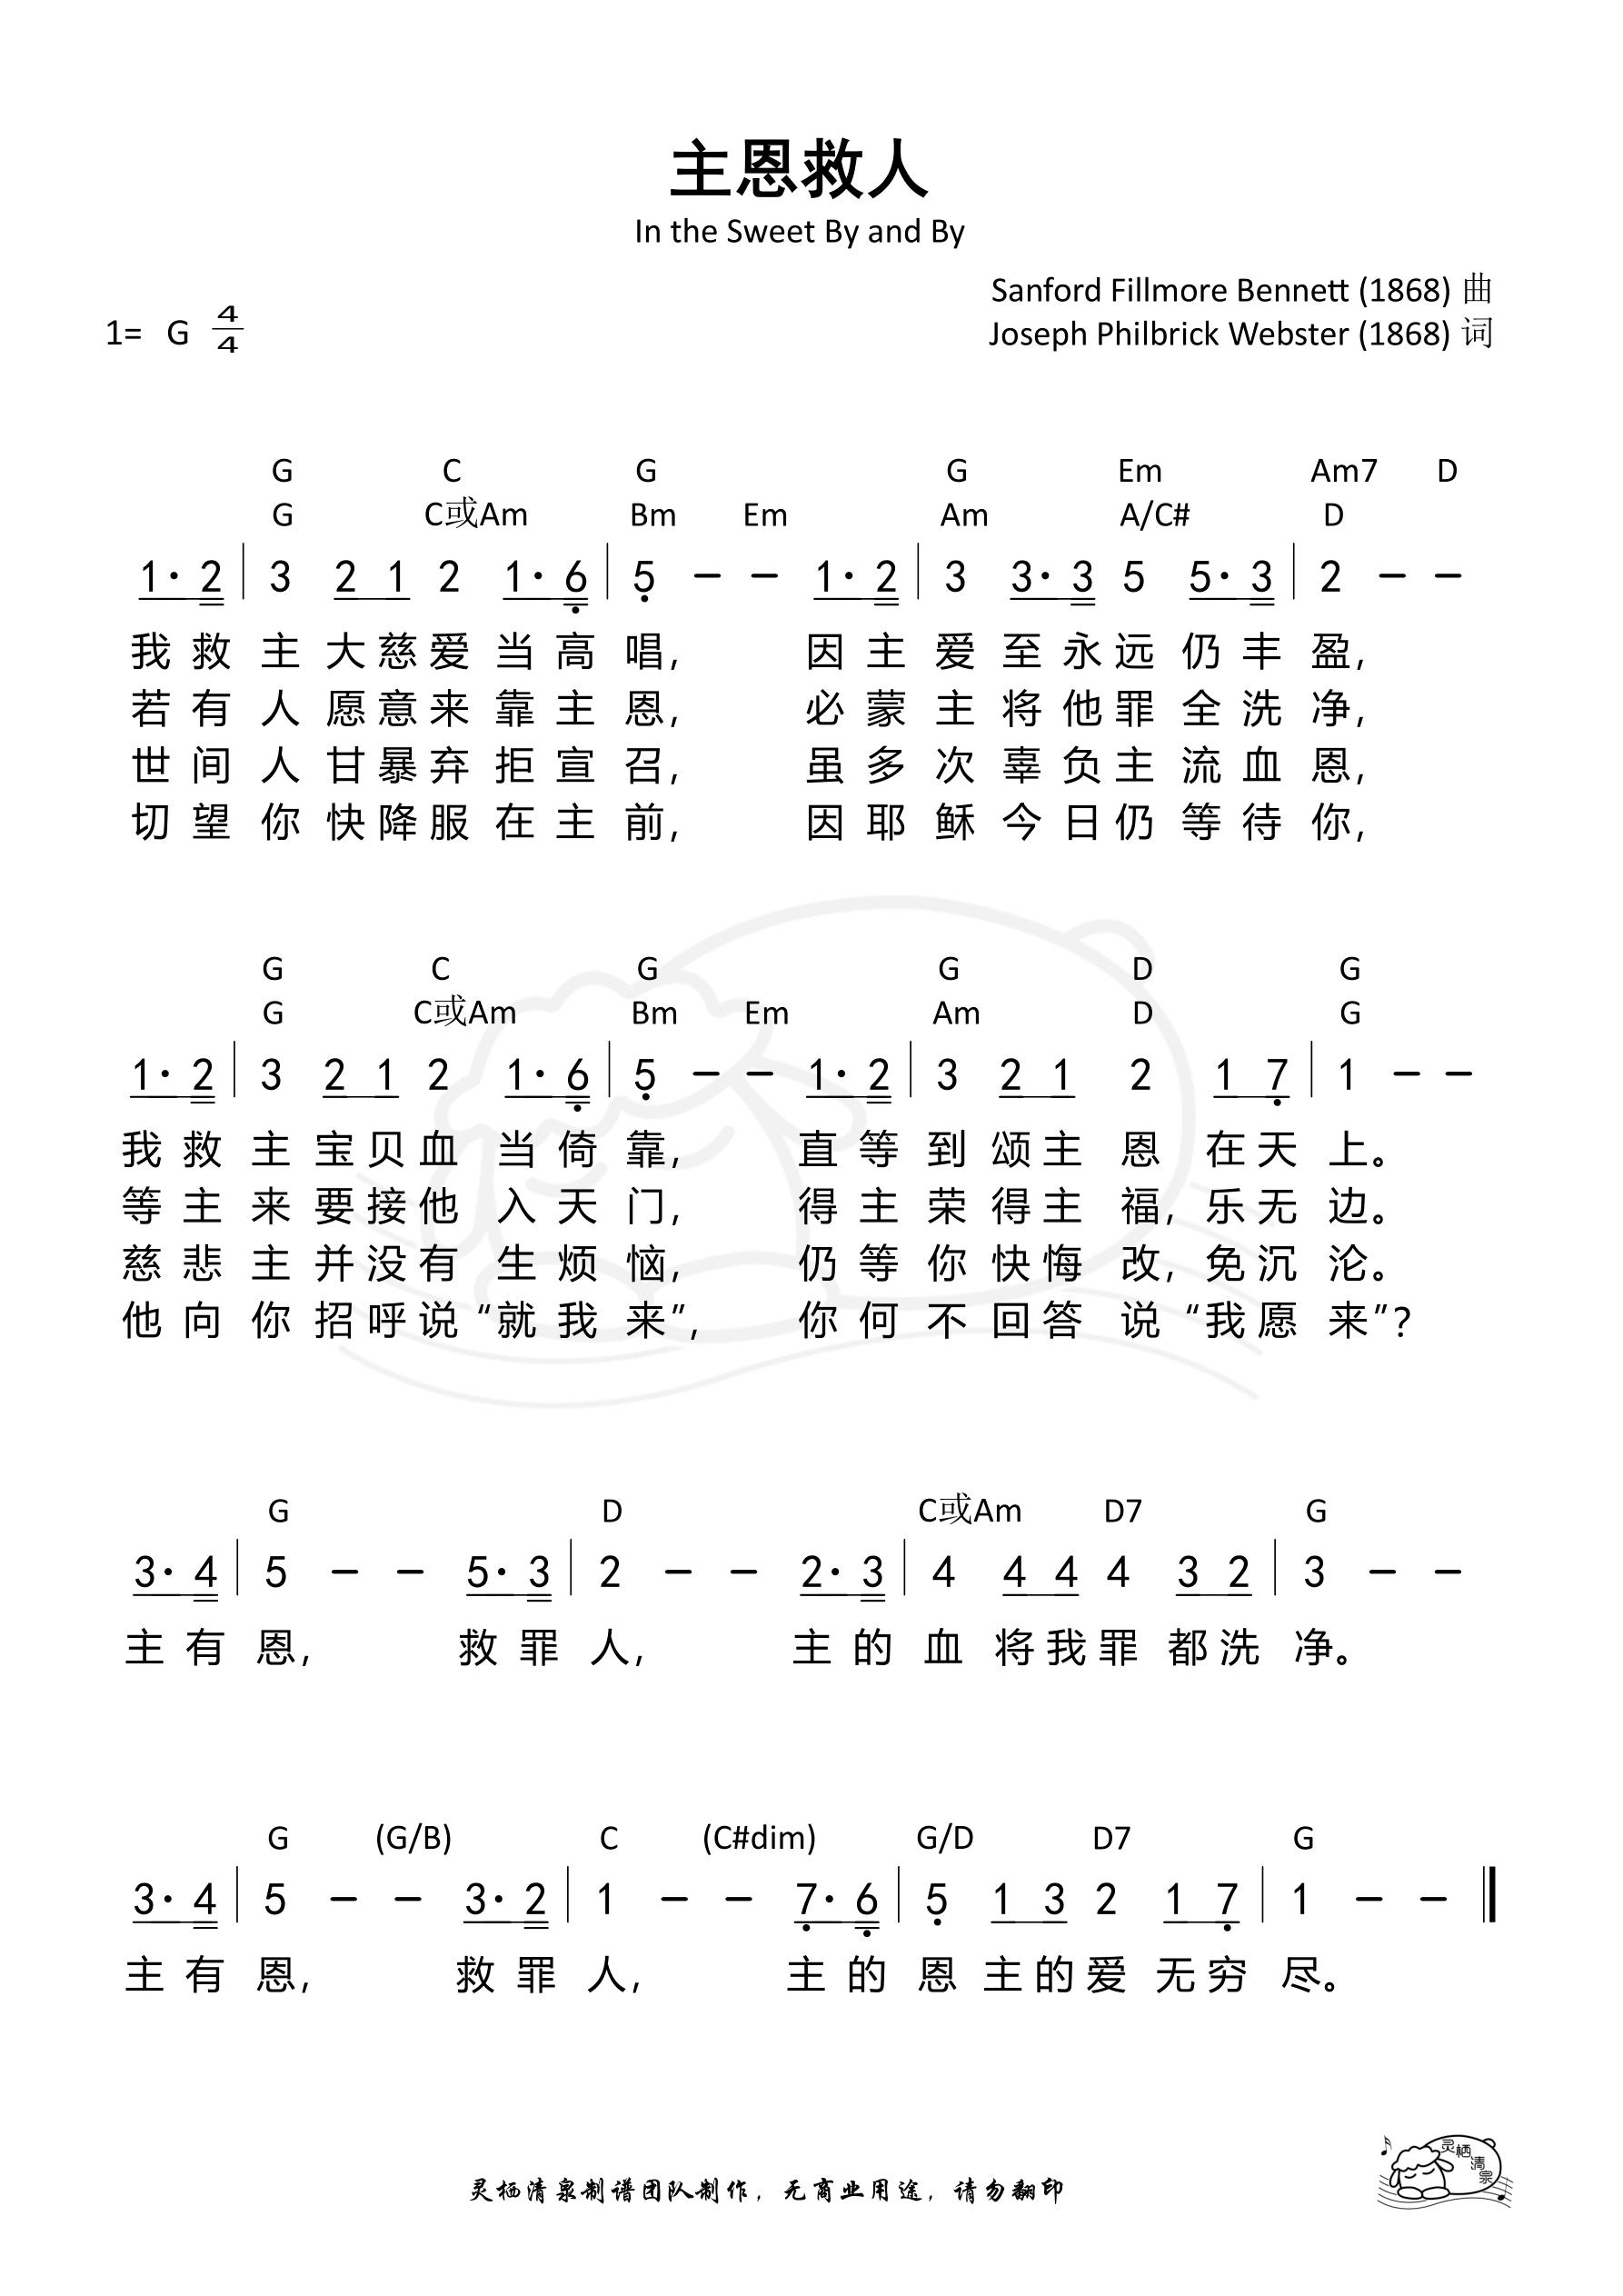 《第191首 - 主恩救人 和弦简谱》